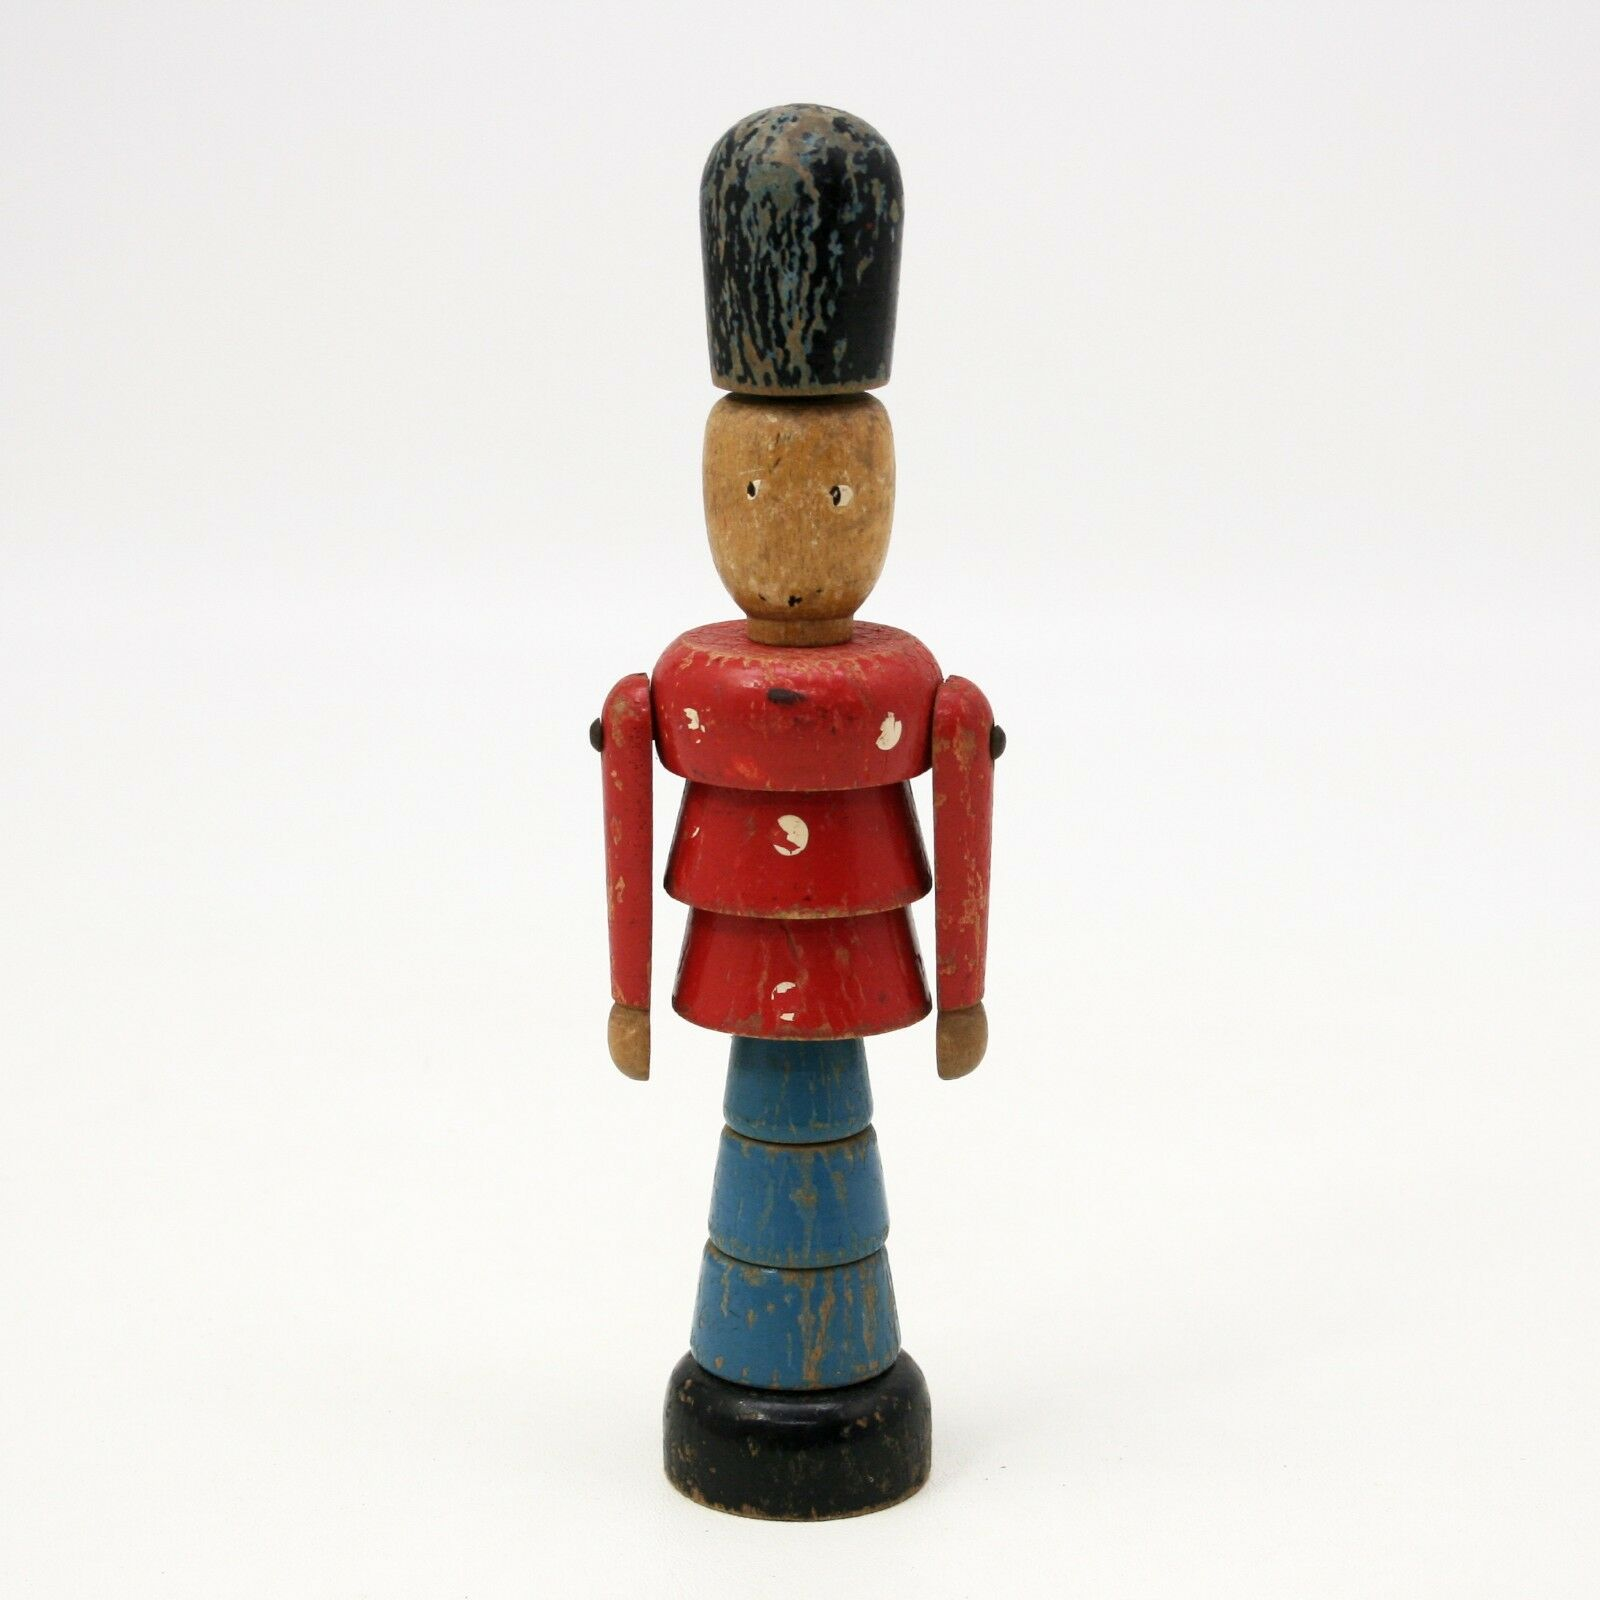 De Colección de madera de apilamiento de Soldado De Juguete De Madera Tallada bloques Peg Inglés Royal Guard Puzzle